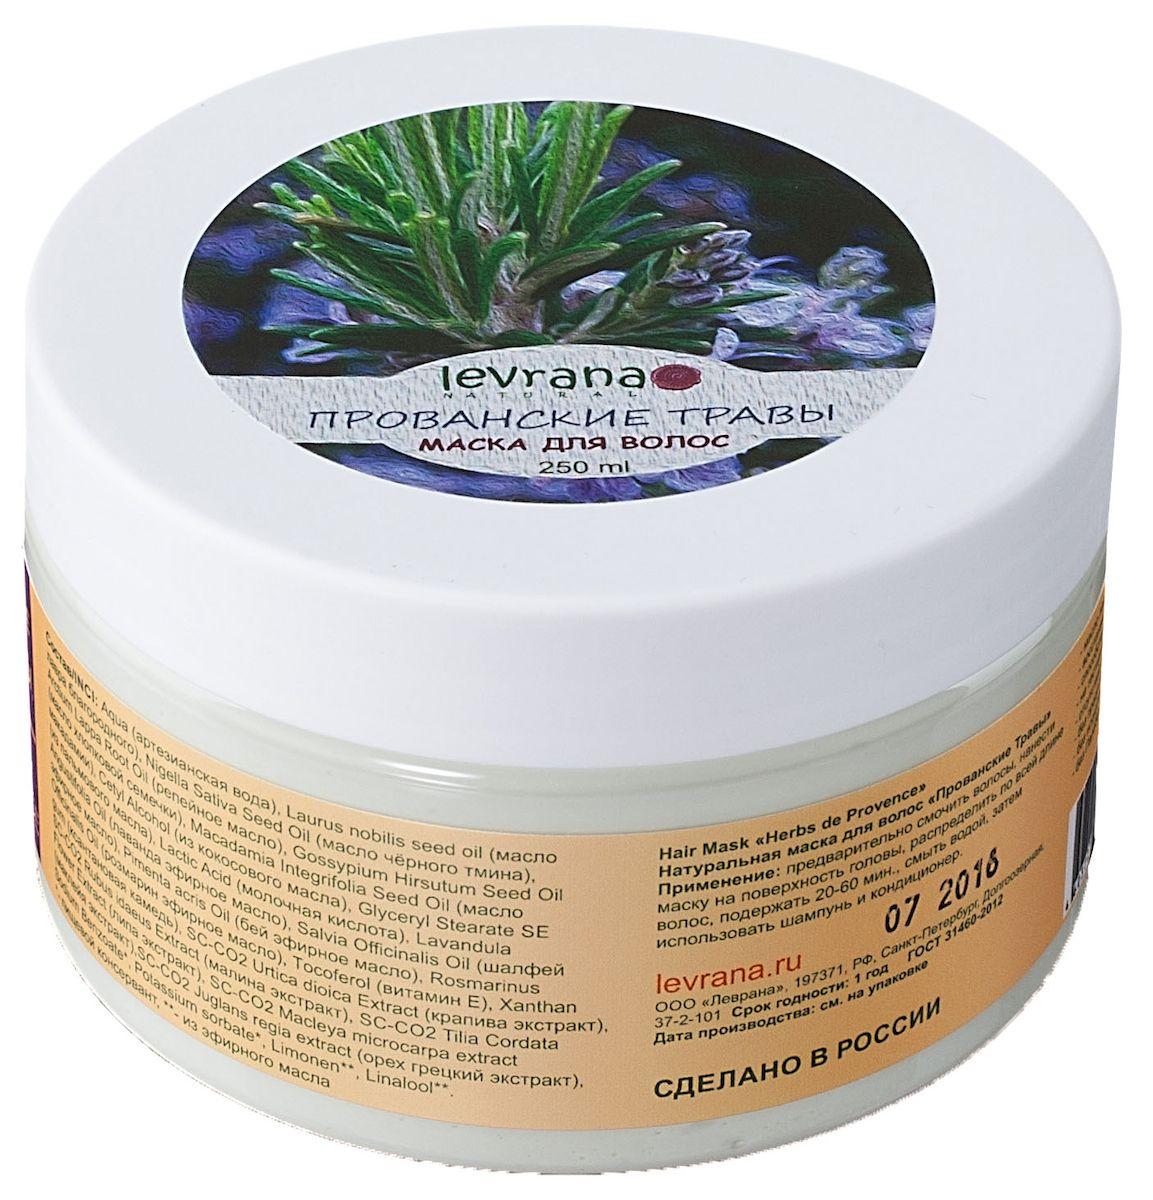 Levrana Маска для волос Прованские травы, 250 млHM02Рецептура масок разработана так, чтобы максимально, в короткие сроки, помочь вашим волосам, делая их крепкими, густыми и шелковистыми.